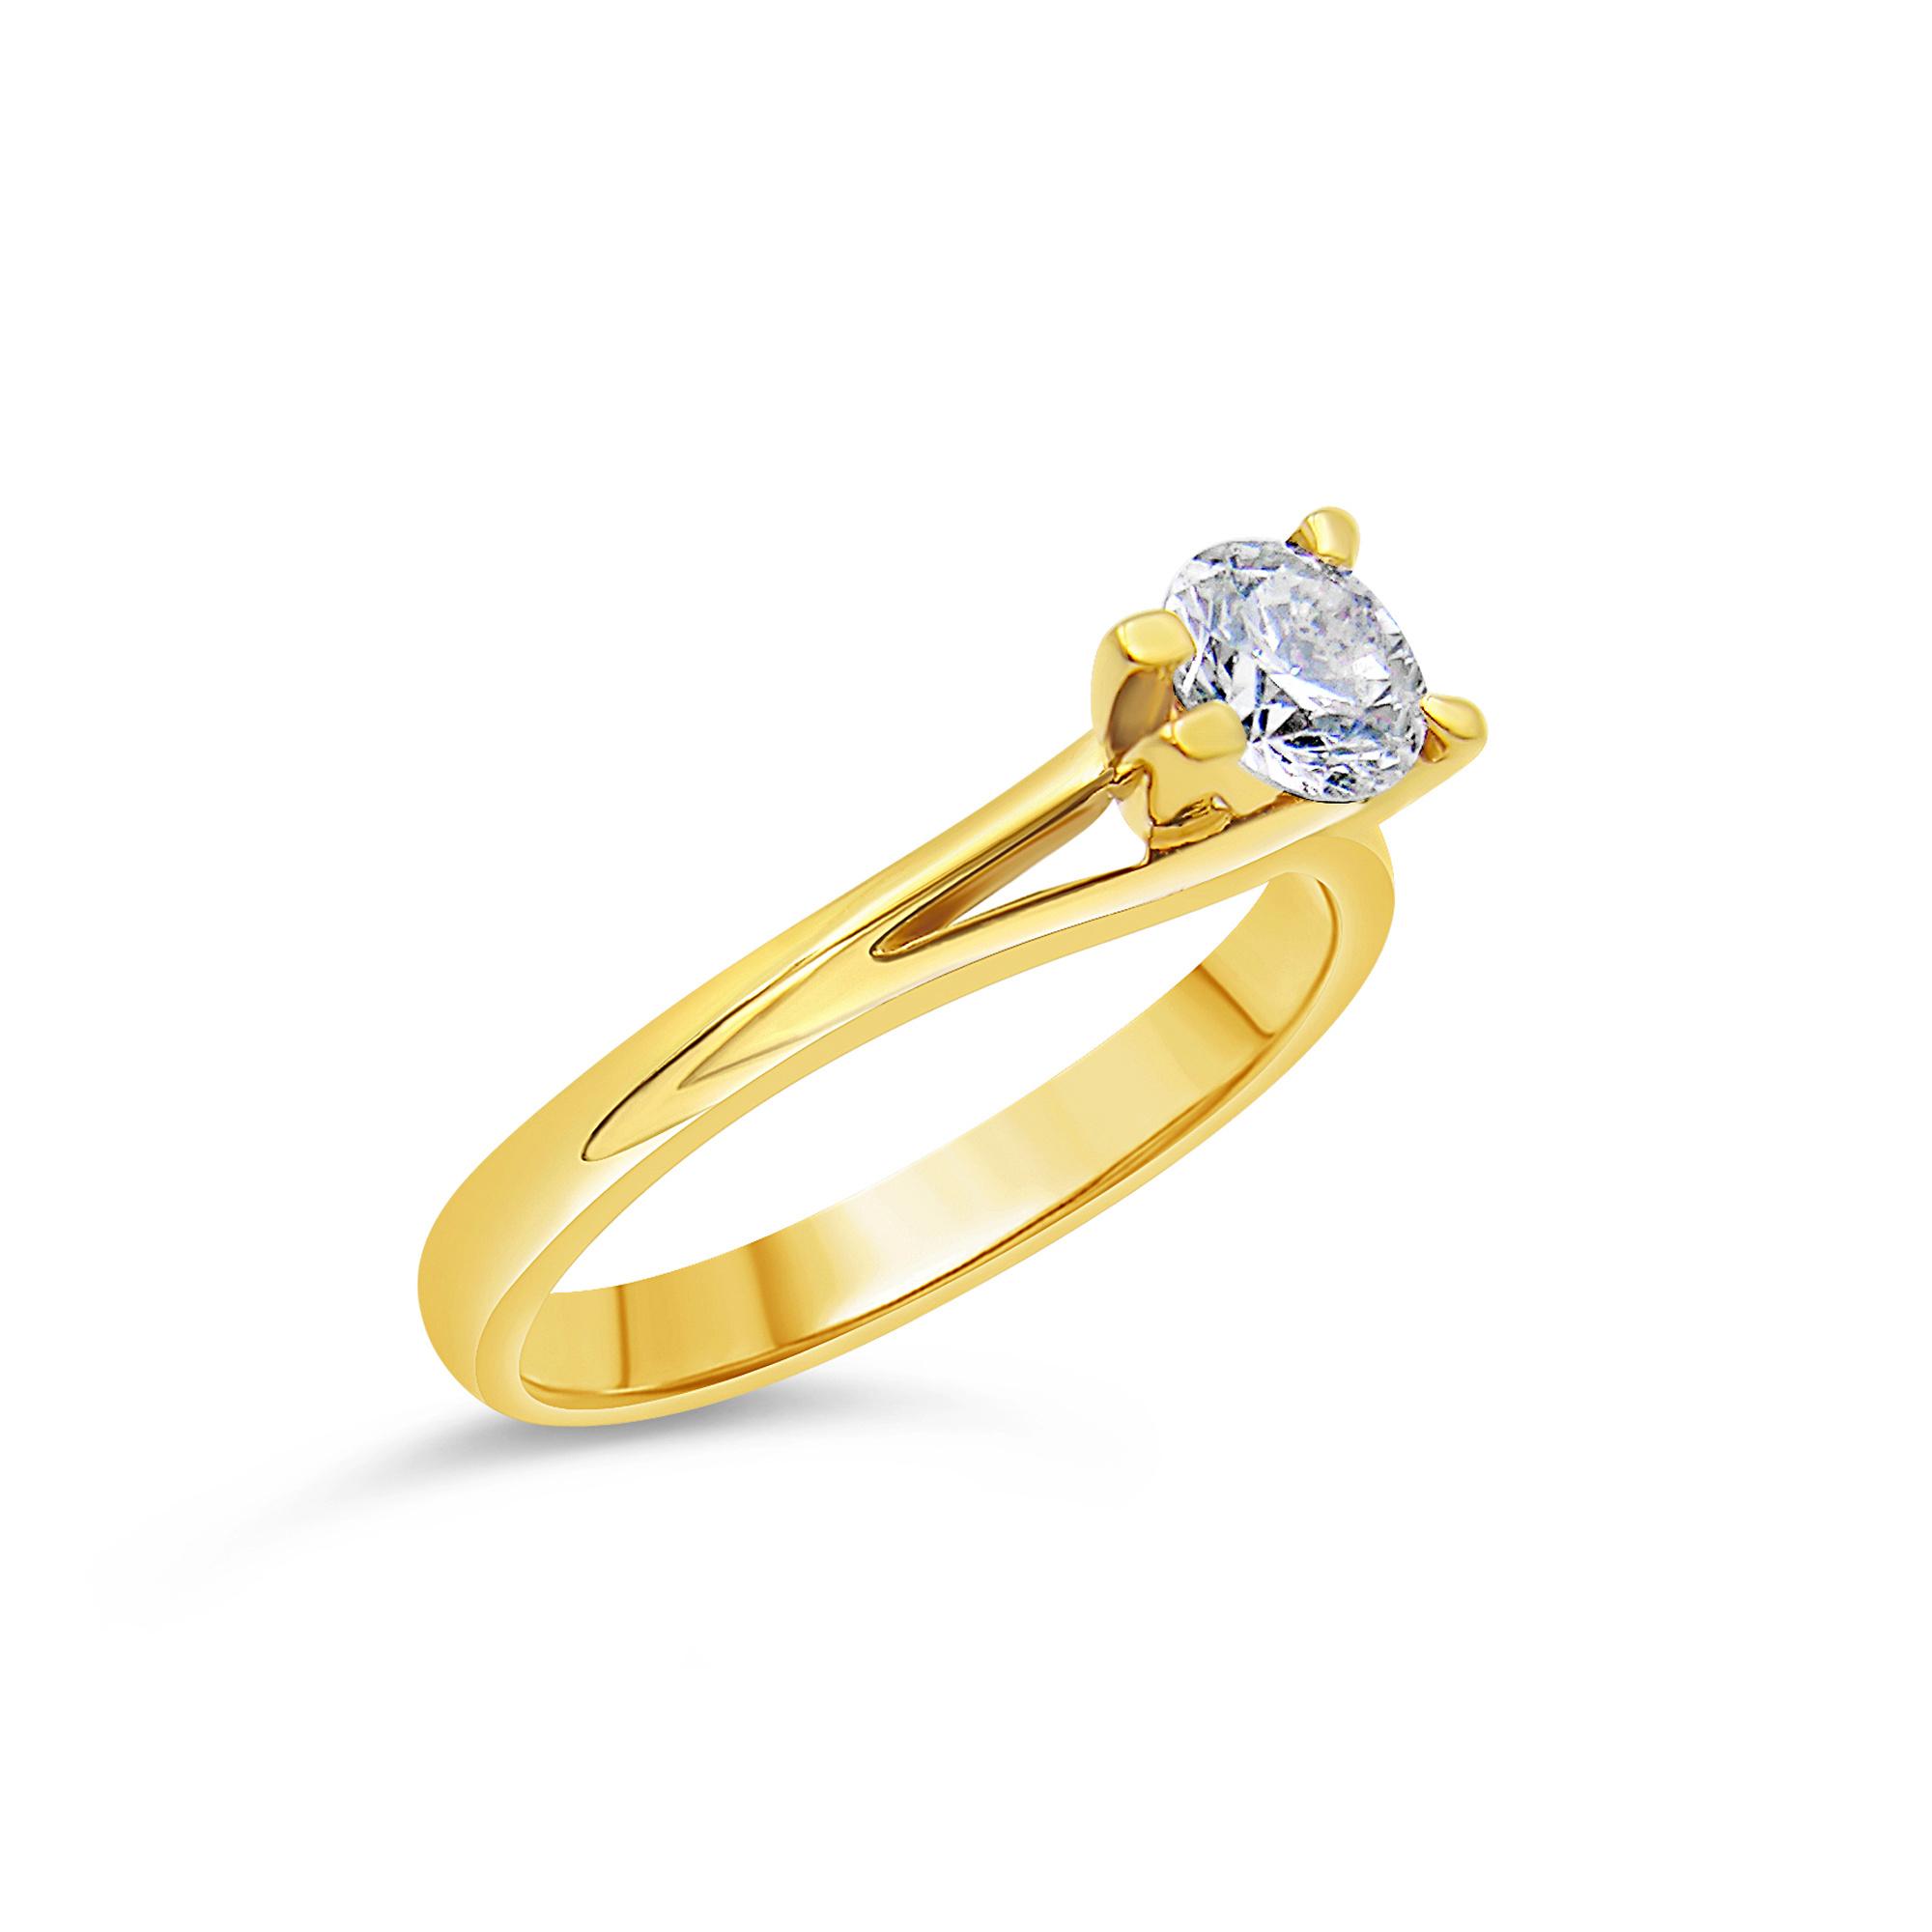 18kt geel goud verlovingsring met 0.57 ct diamant